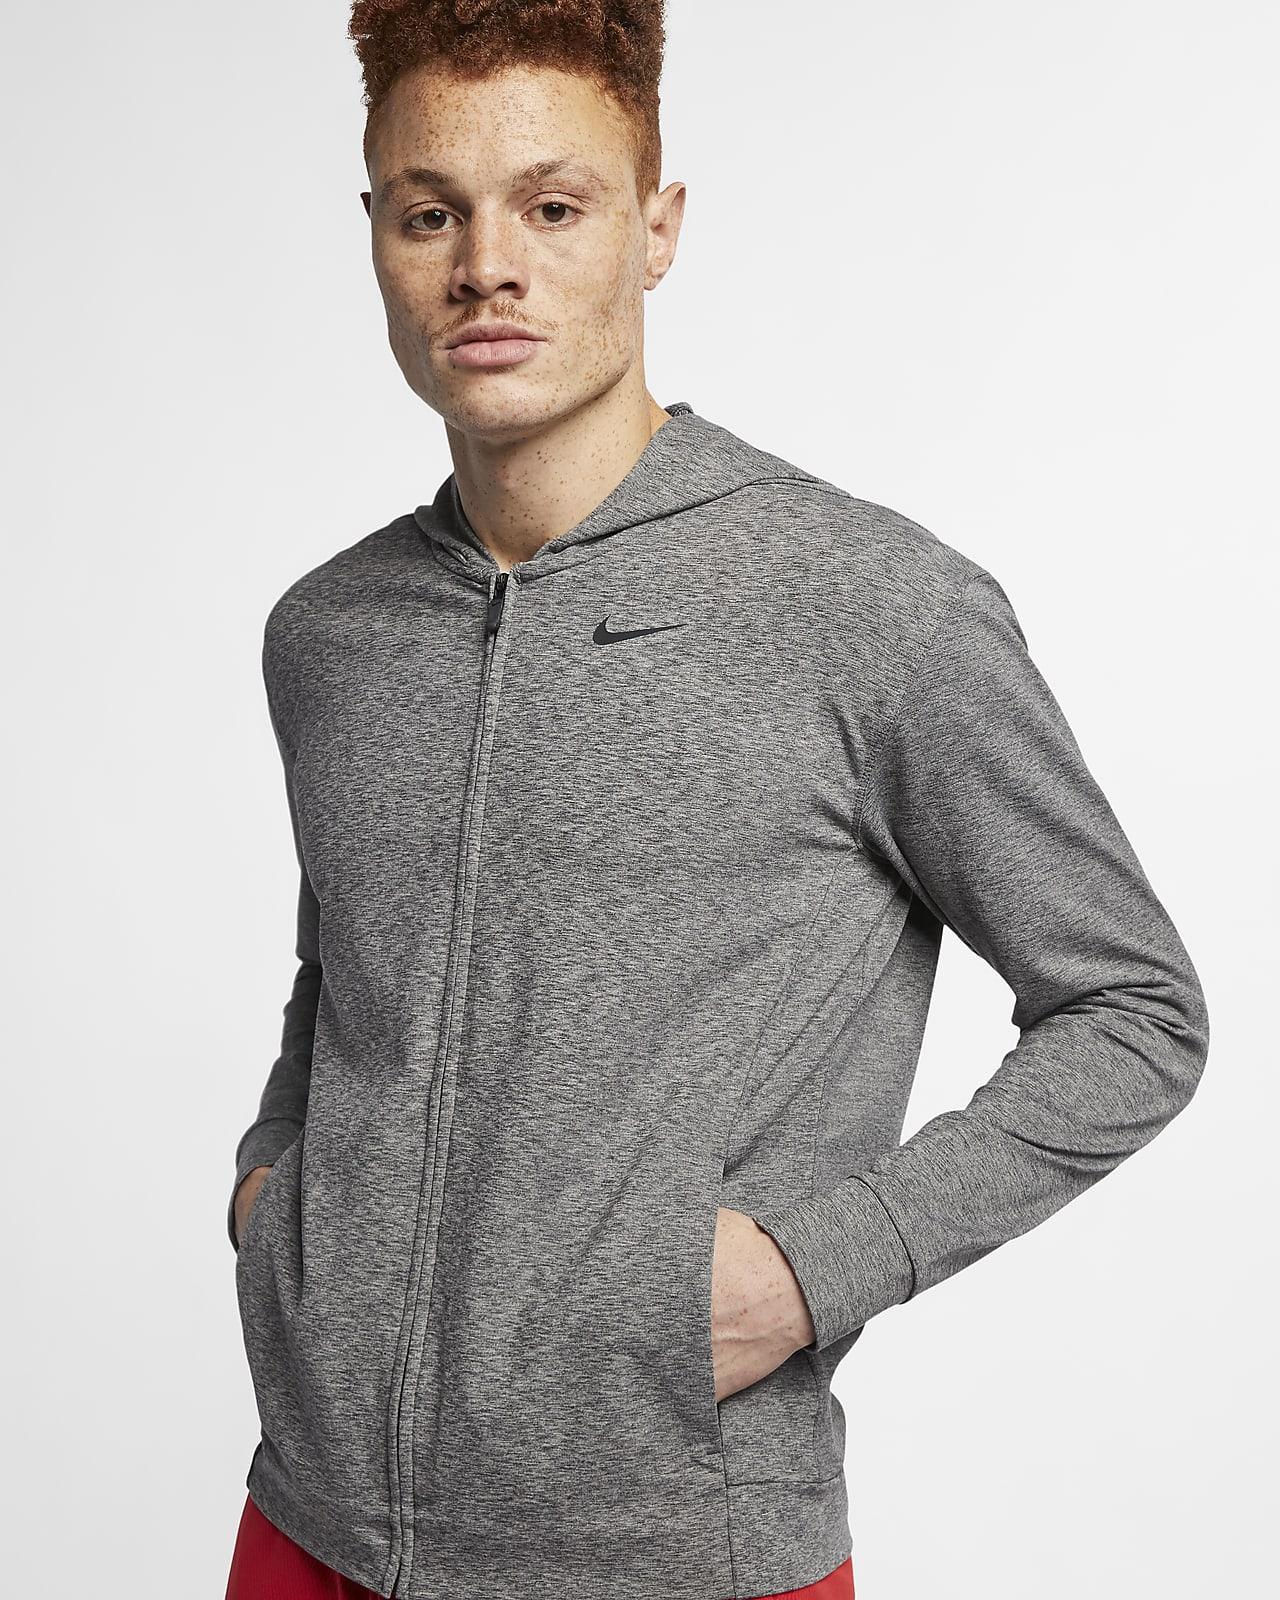 Felpa da yoga con cappuccio e zip a tutta lunghezza Nike Dri-FIT - Uomo